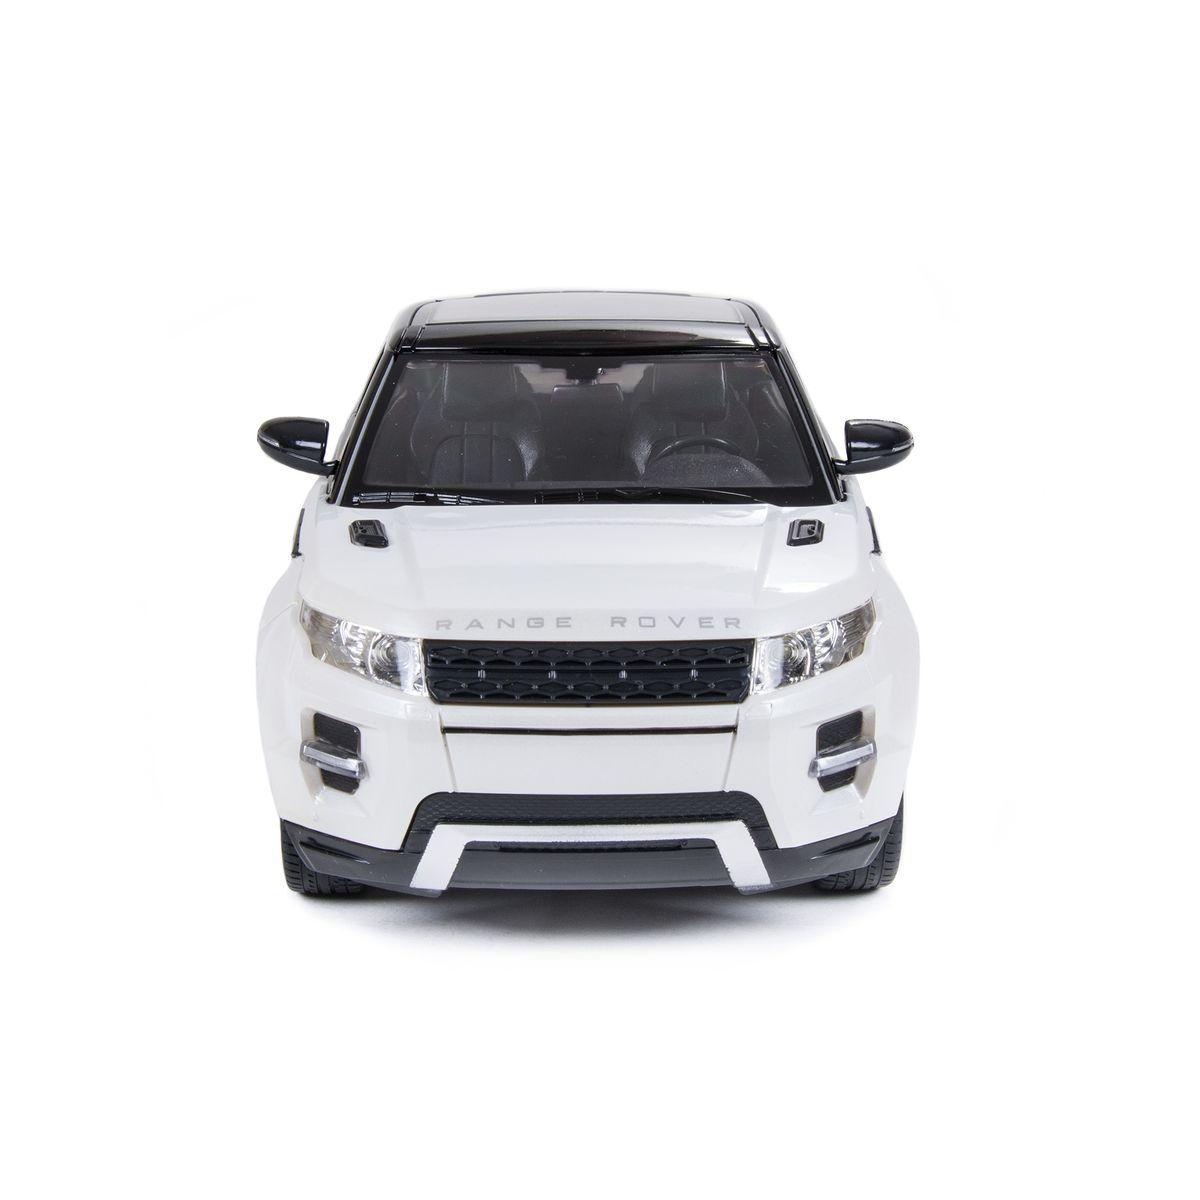 Данная модель, это точная копия машины Range Rover Evoque с высокой точностью детализации. Для большей копийности в модели предусмотрен детализированный салон, а так же при движении загораются все фары.